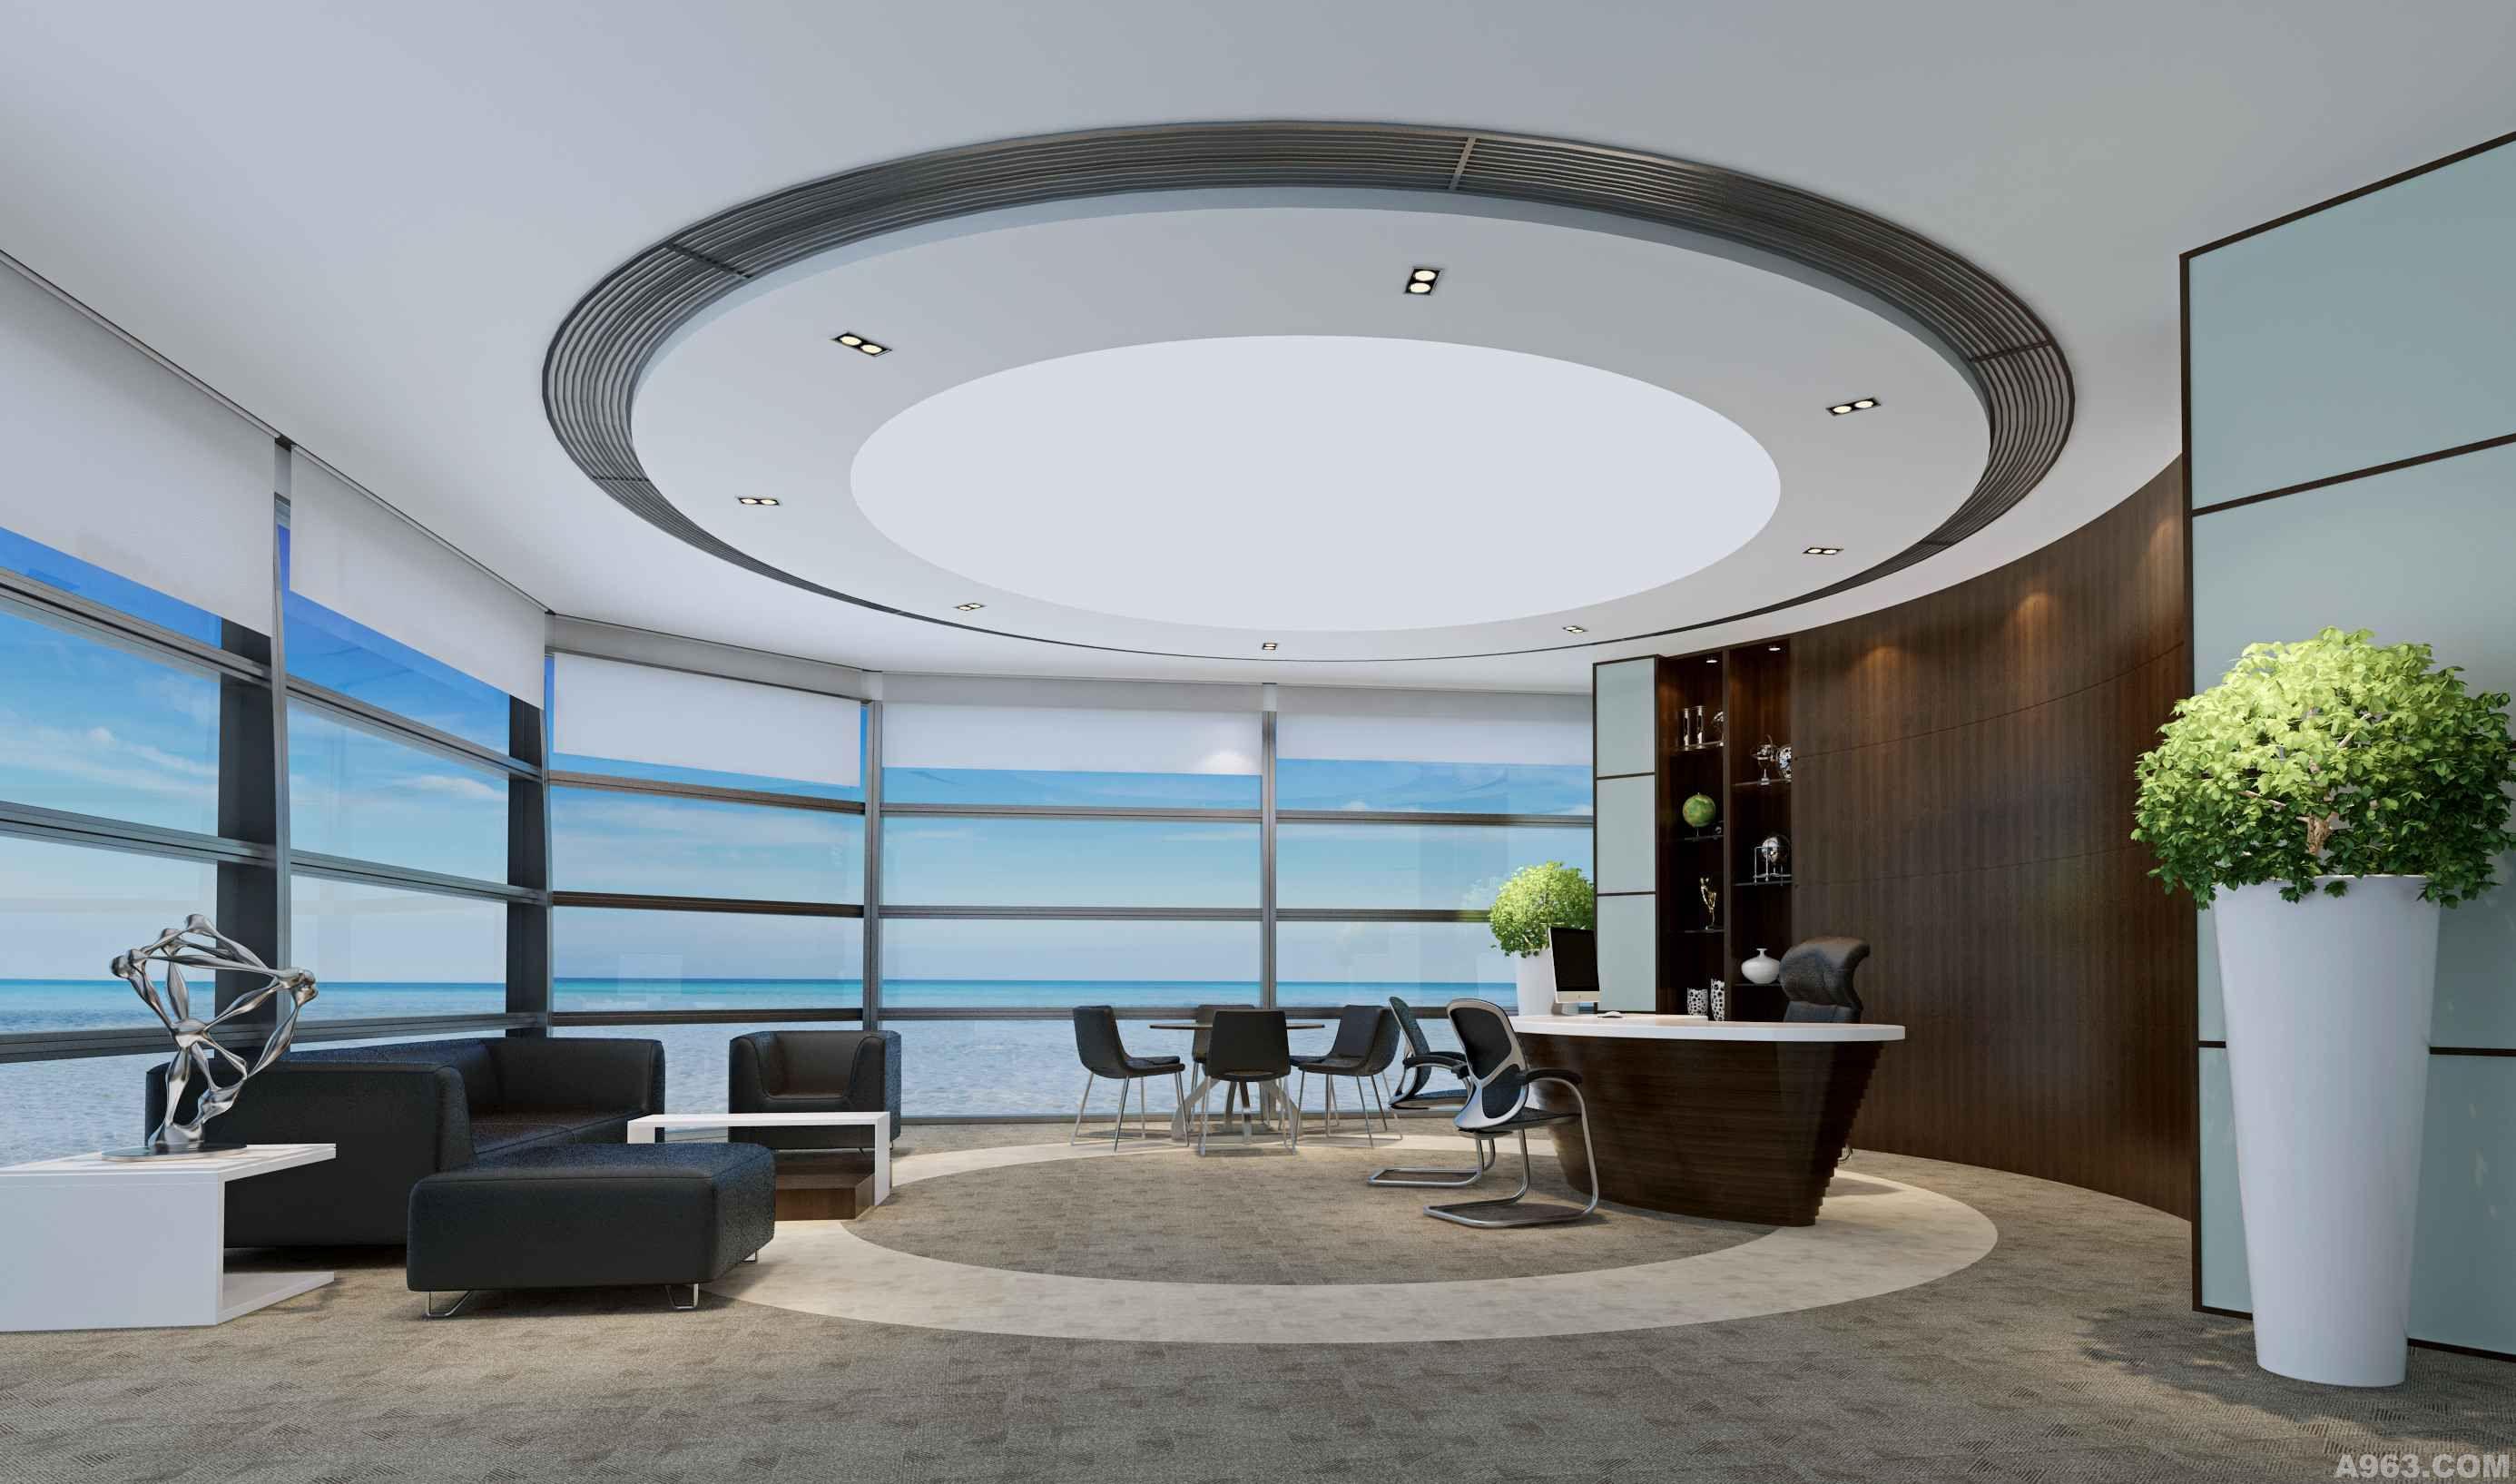 总经理室:圆融的空间造型象征着企业的核心竞争力,也能将窗外壮阔的山海景色与工作的细致规整做良好的定位区分。精致的人文雕塑体现了领导者的品位,包容式的背景造型和贴面木材给人以一种亲切、稳定的承托感。